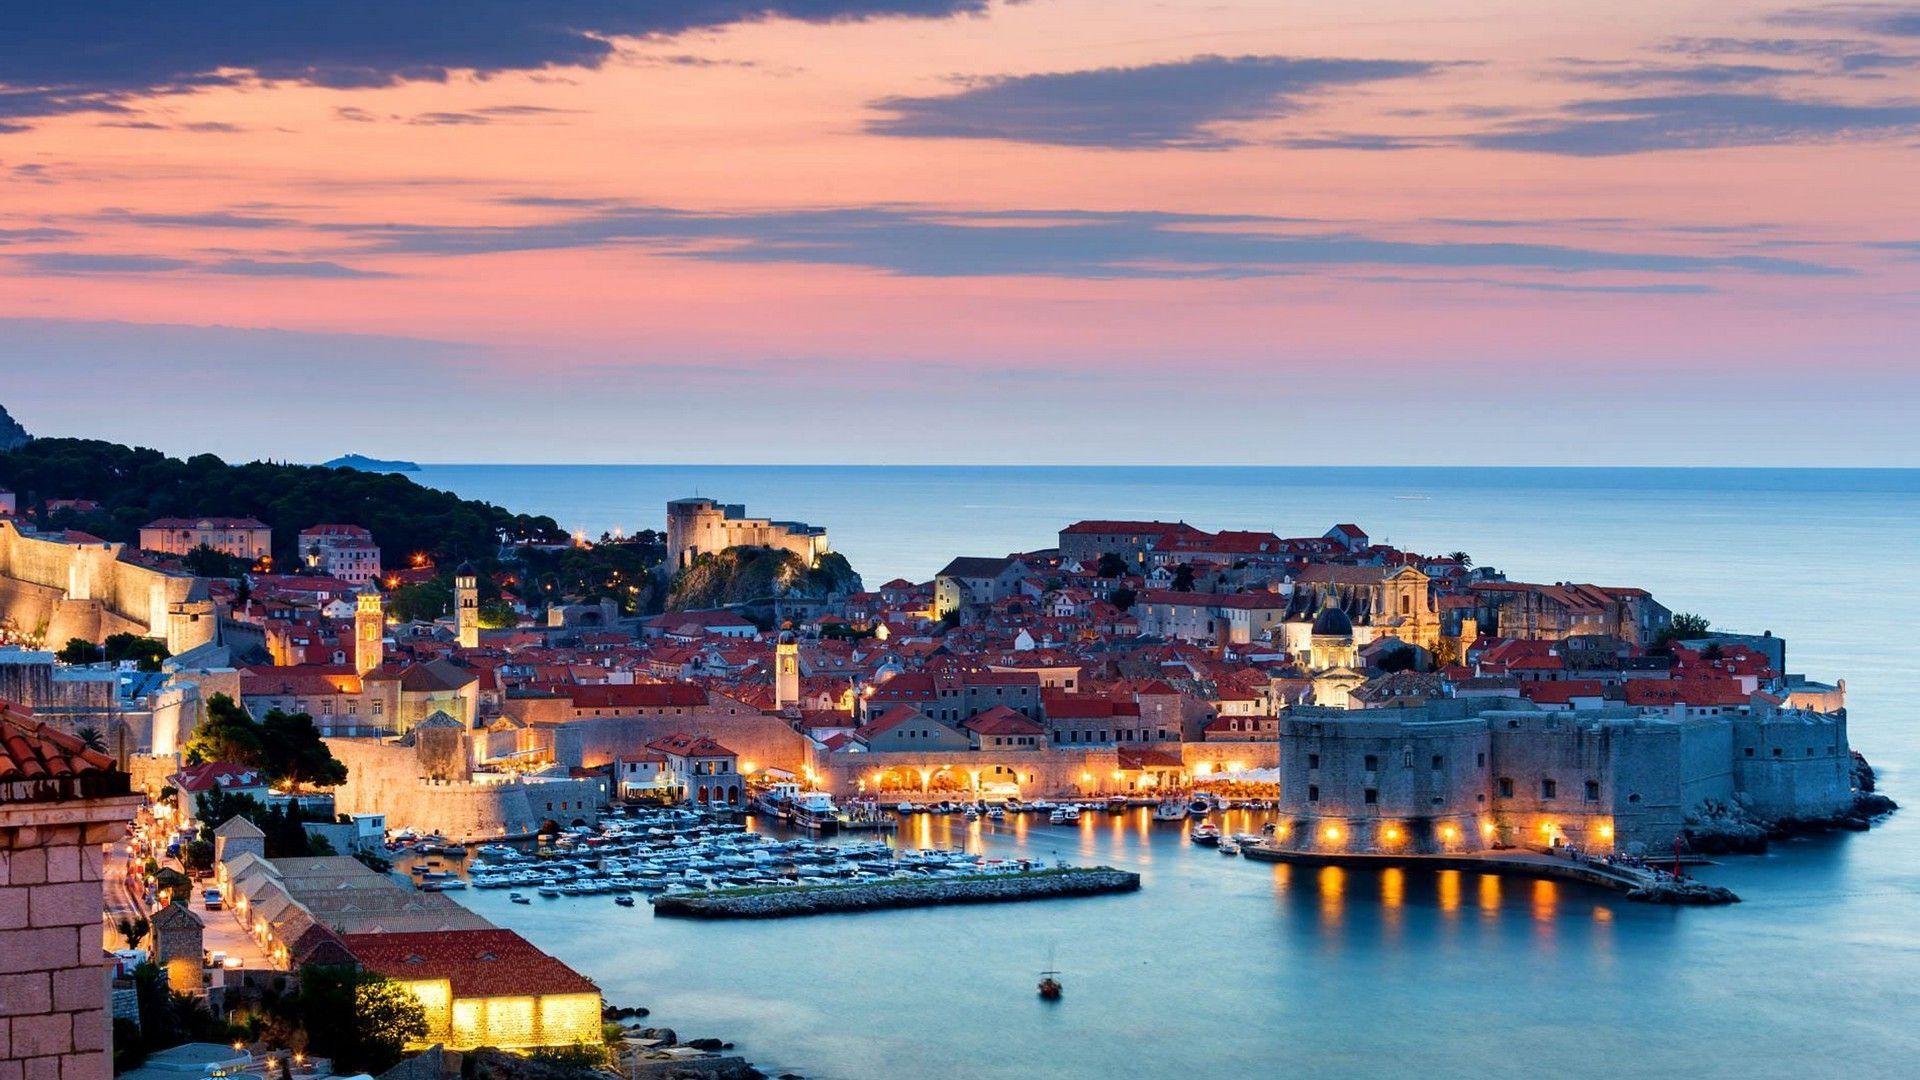 Croatia free desktop background